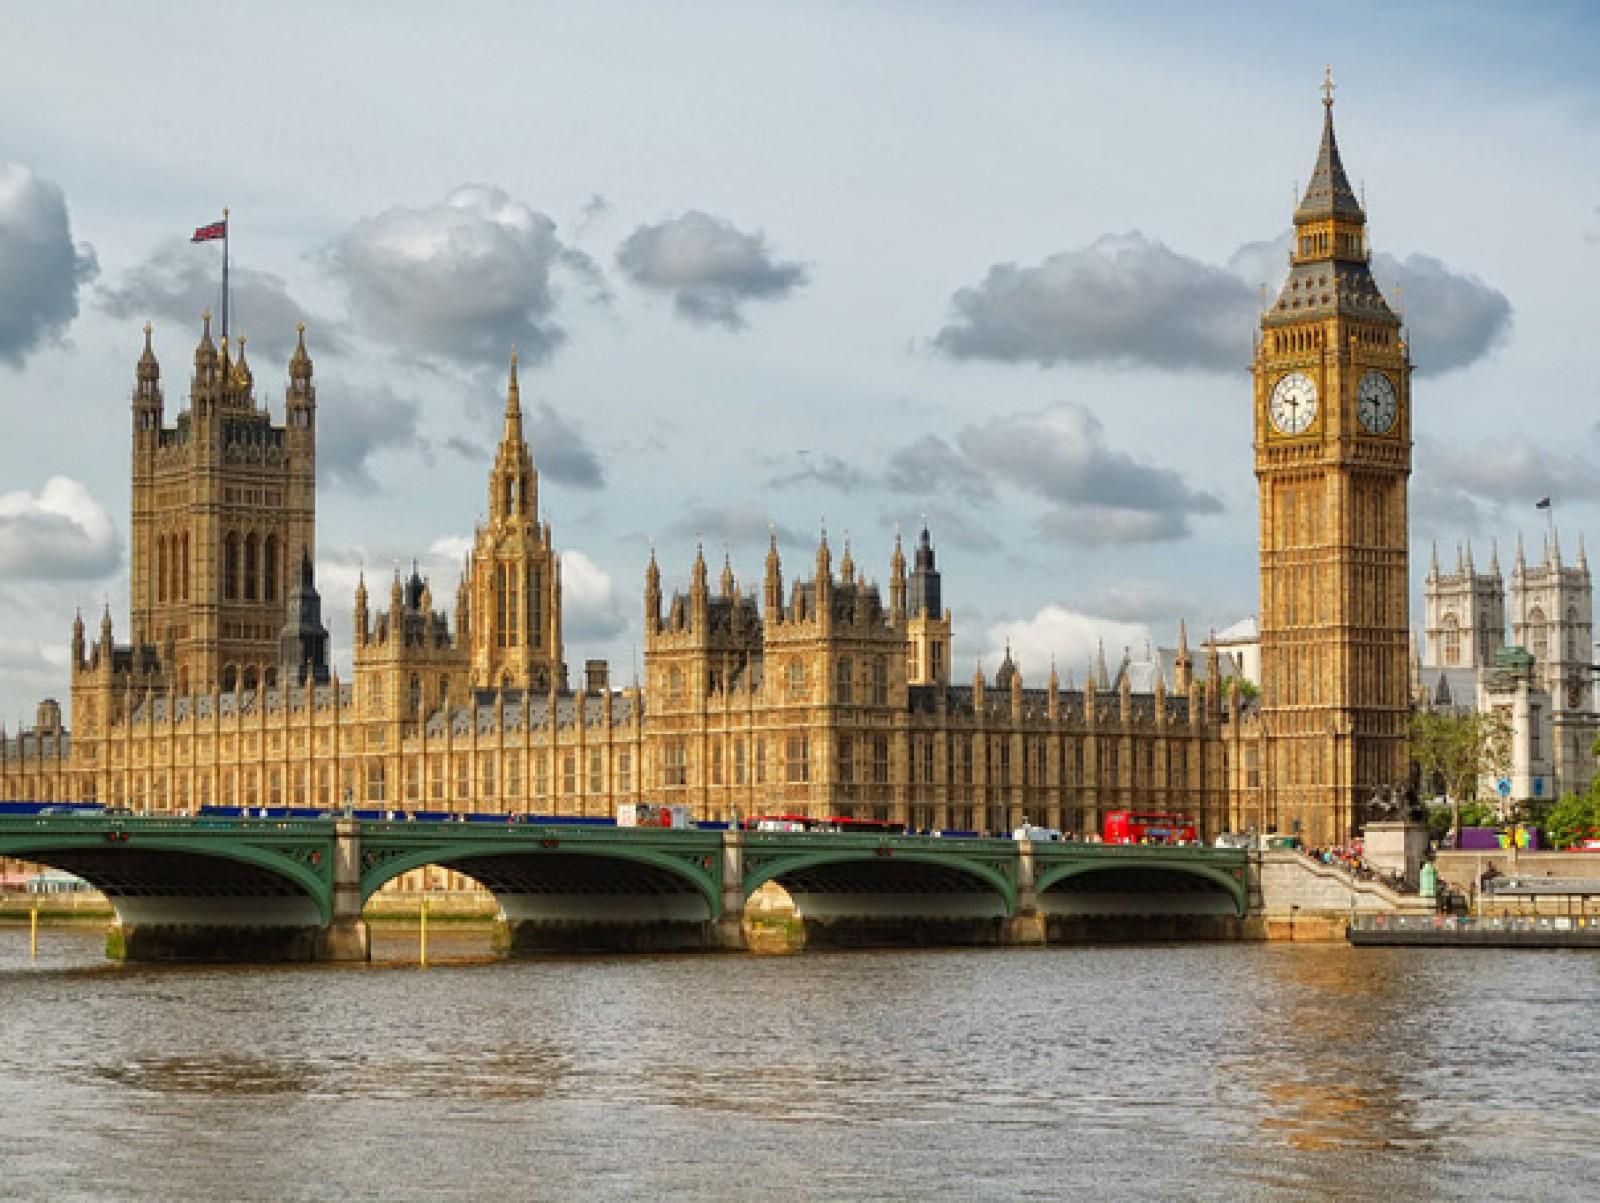 Poliţia investighează prezenţa unui pachet găsit în interiorul Parlamentului britanic